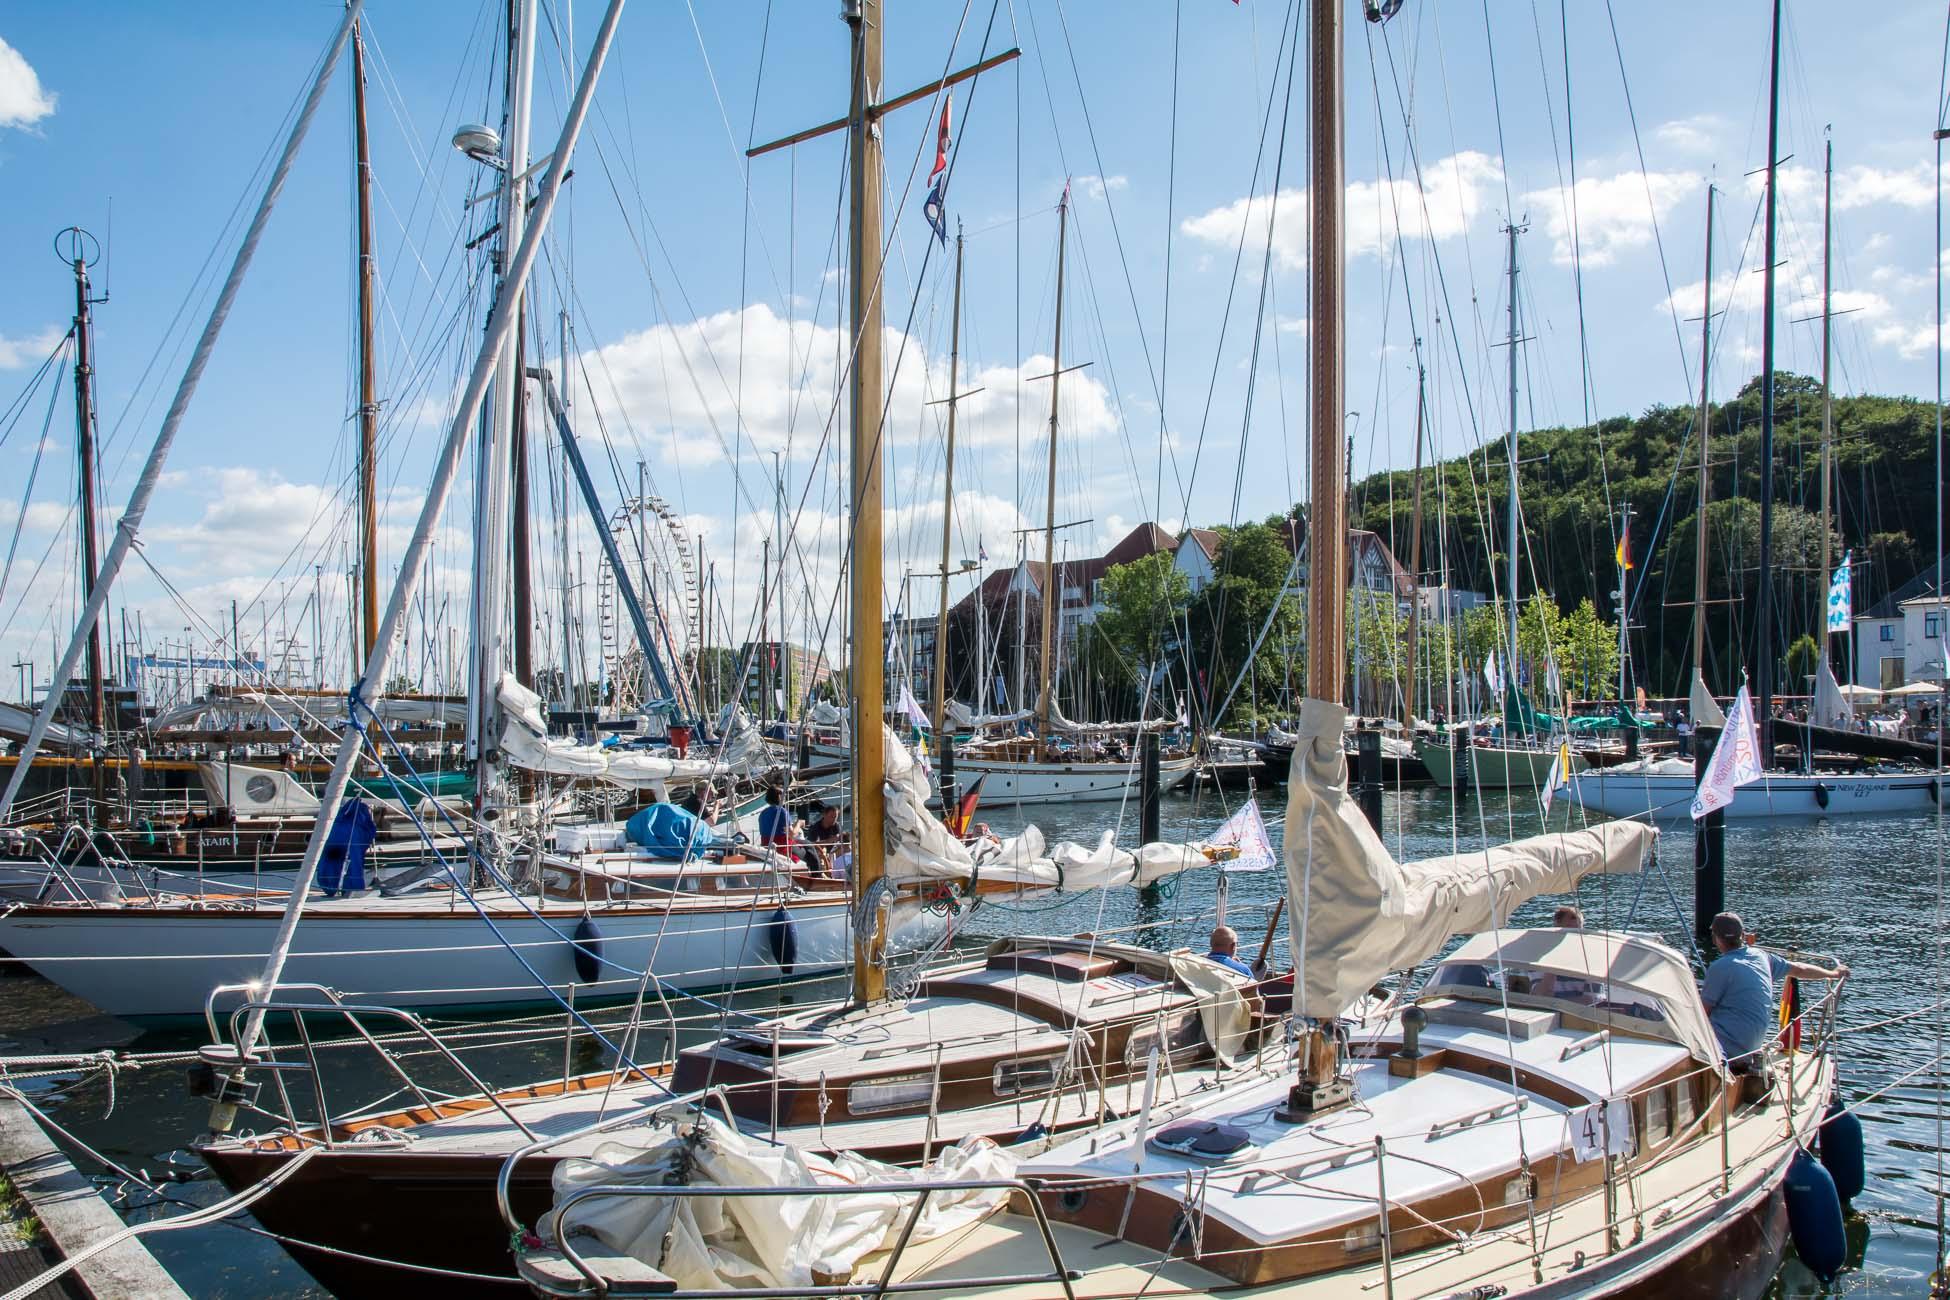 Kieler Woche Segelboote Hafen